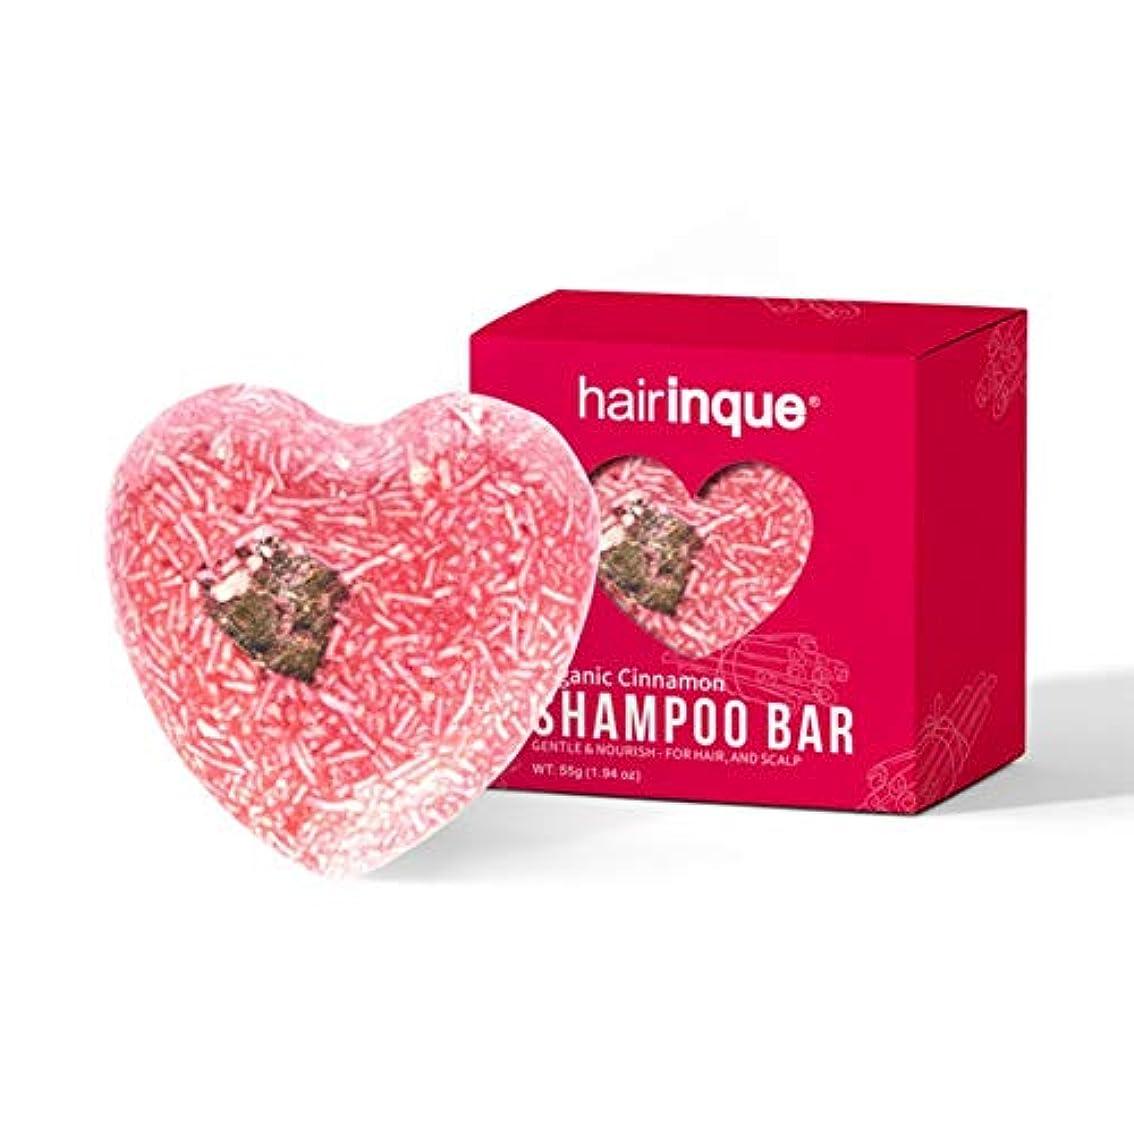 写真の拍手する尊敬するシャンプー シャンプー石鹸 栄養 脱毛 シャンプーソープ 天然成分 化学薬品防腐剤なし シャンプーソープ ヘアケア Cutelove